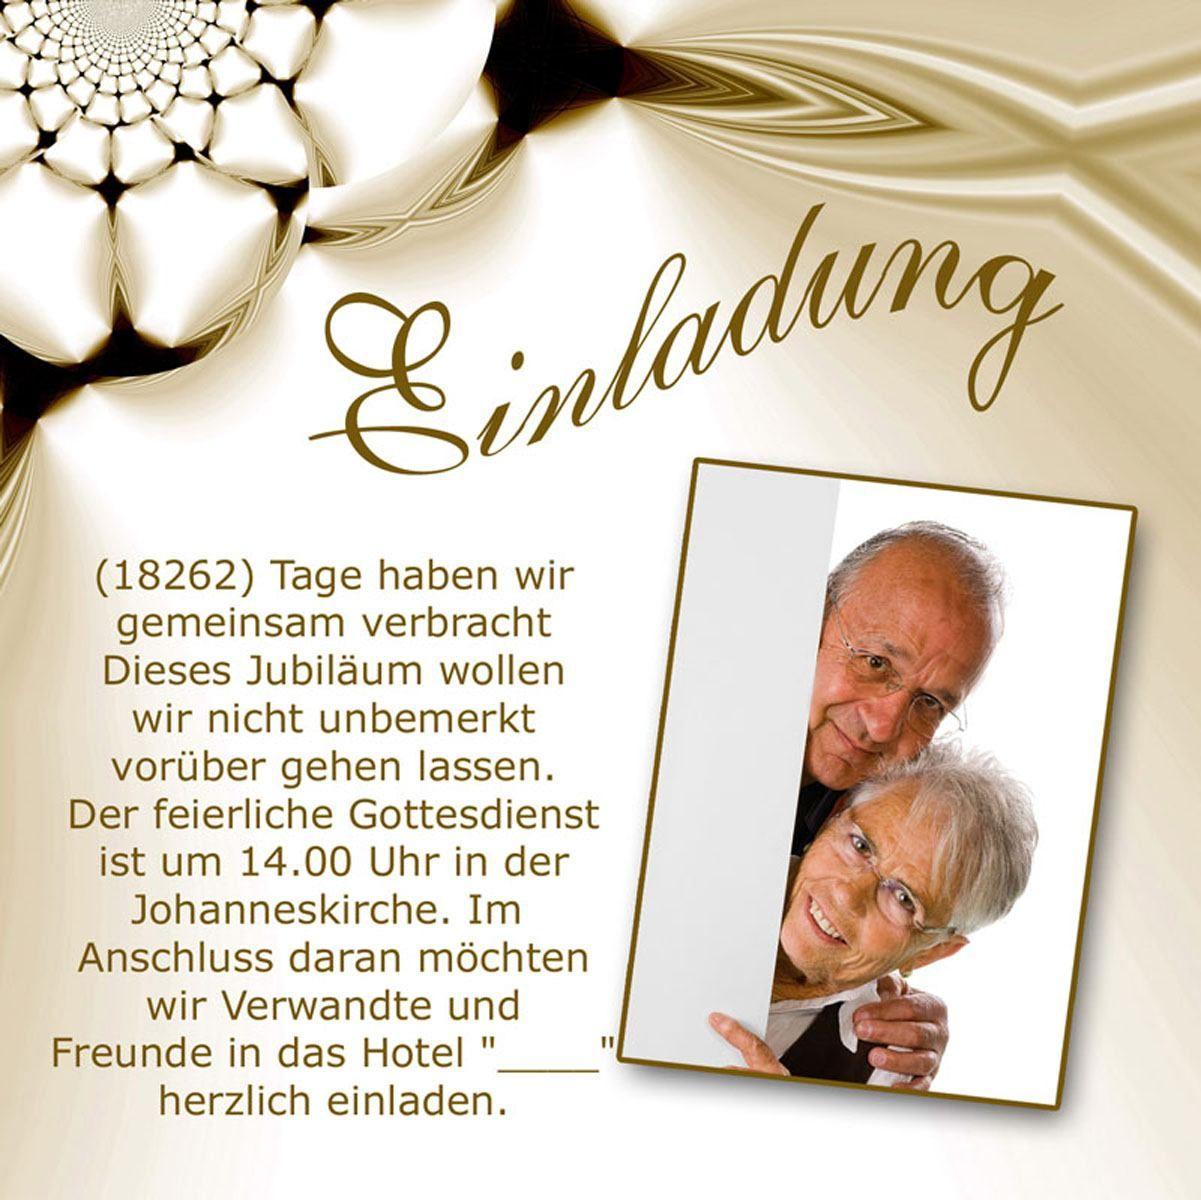 Goldene Hochzeit Einladungskarten Kostenlos Einladung Goldene Hochzeit Einladungskarten Goldene Hochzeit Einladung Silberhochzeit